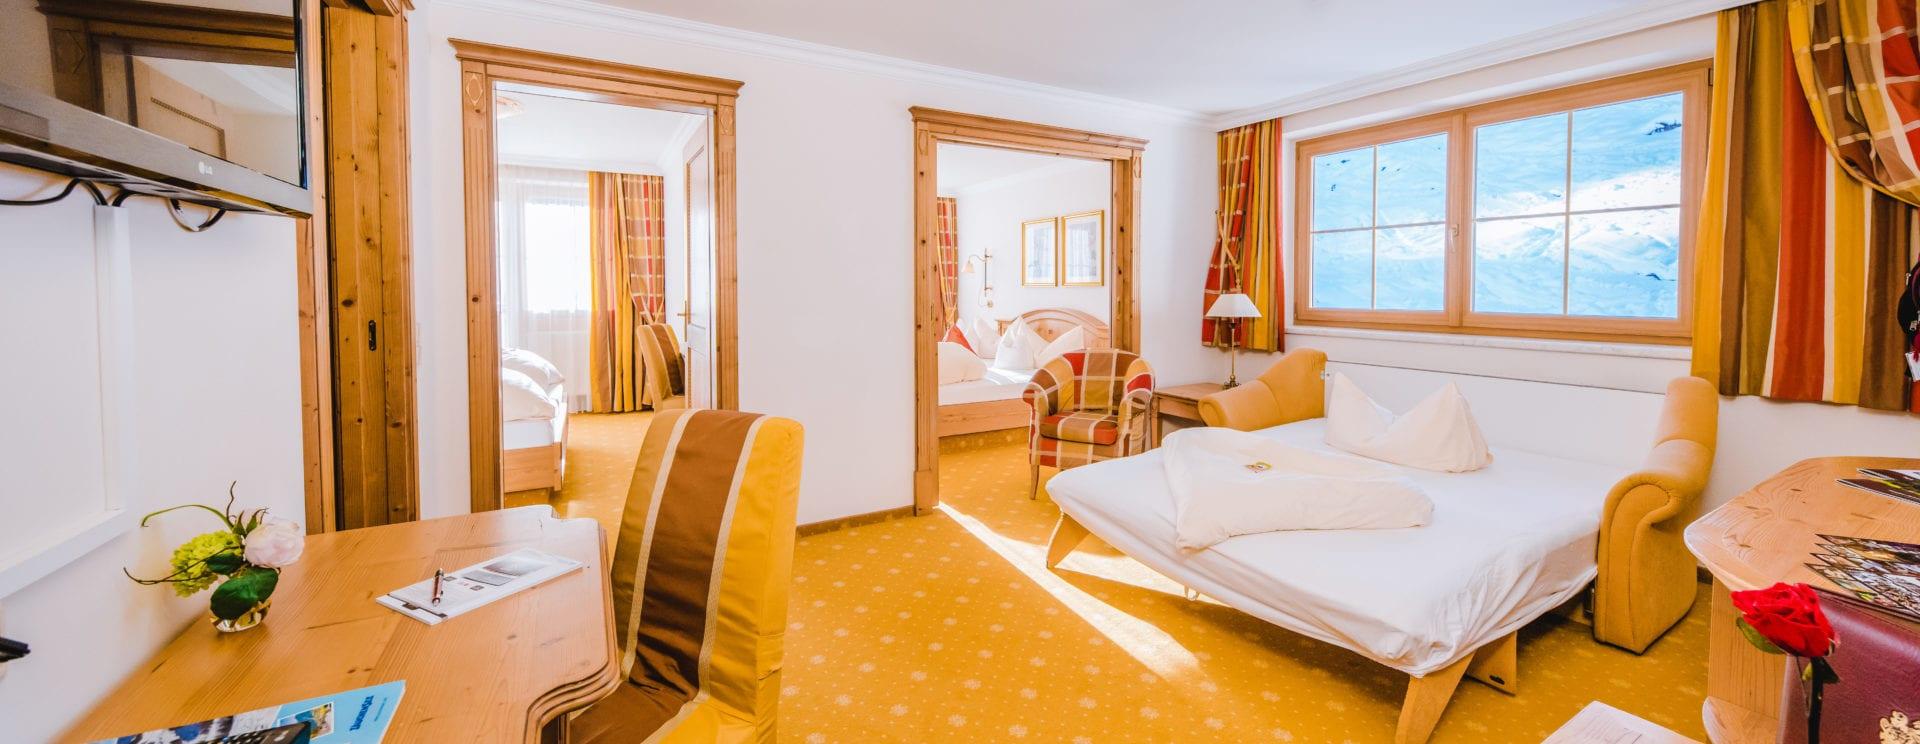 Suite-zauchensee-salzburgerhof- (25)